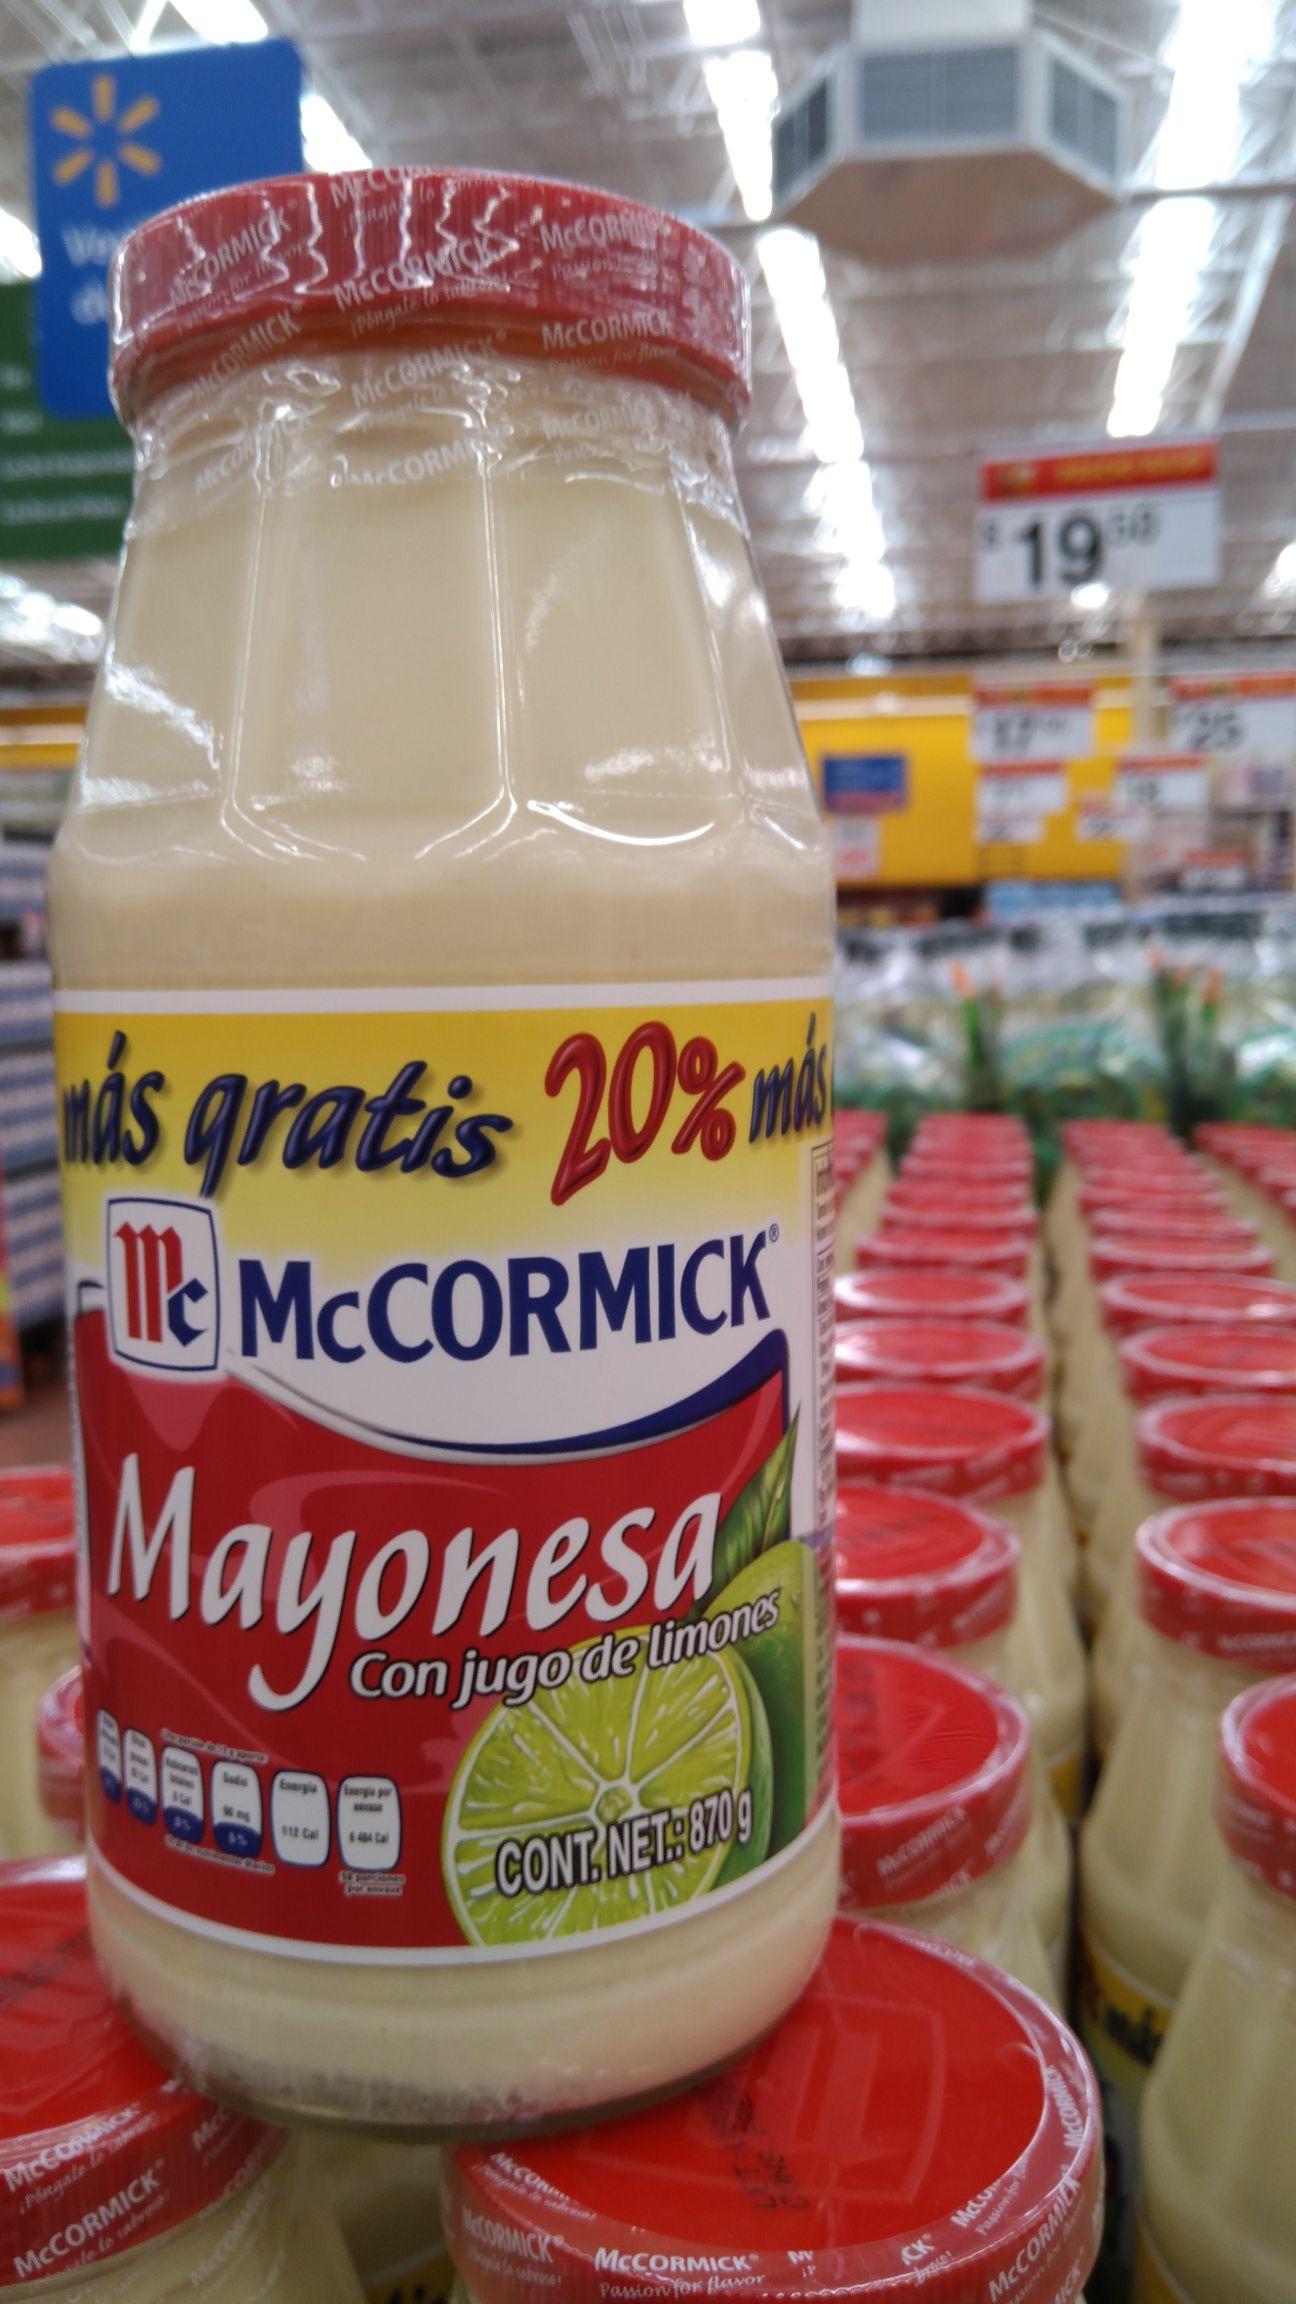 Mayonesa Mccormick Wal-Mart Xalapa Lázaro Cárdenas